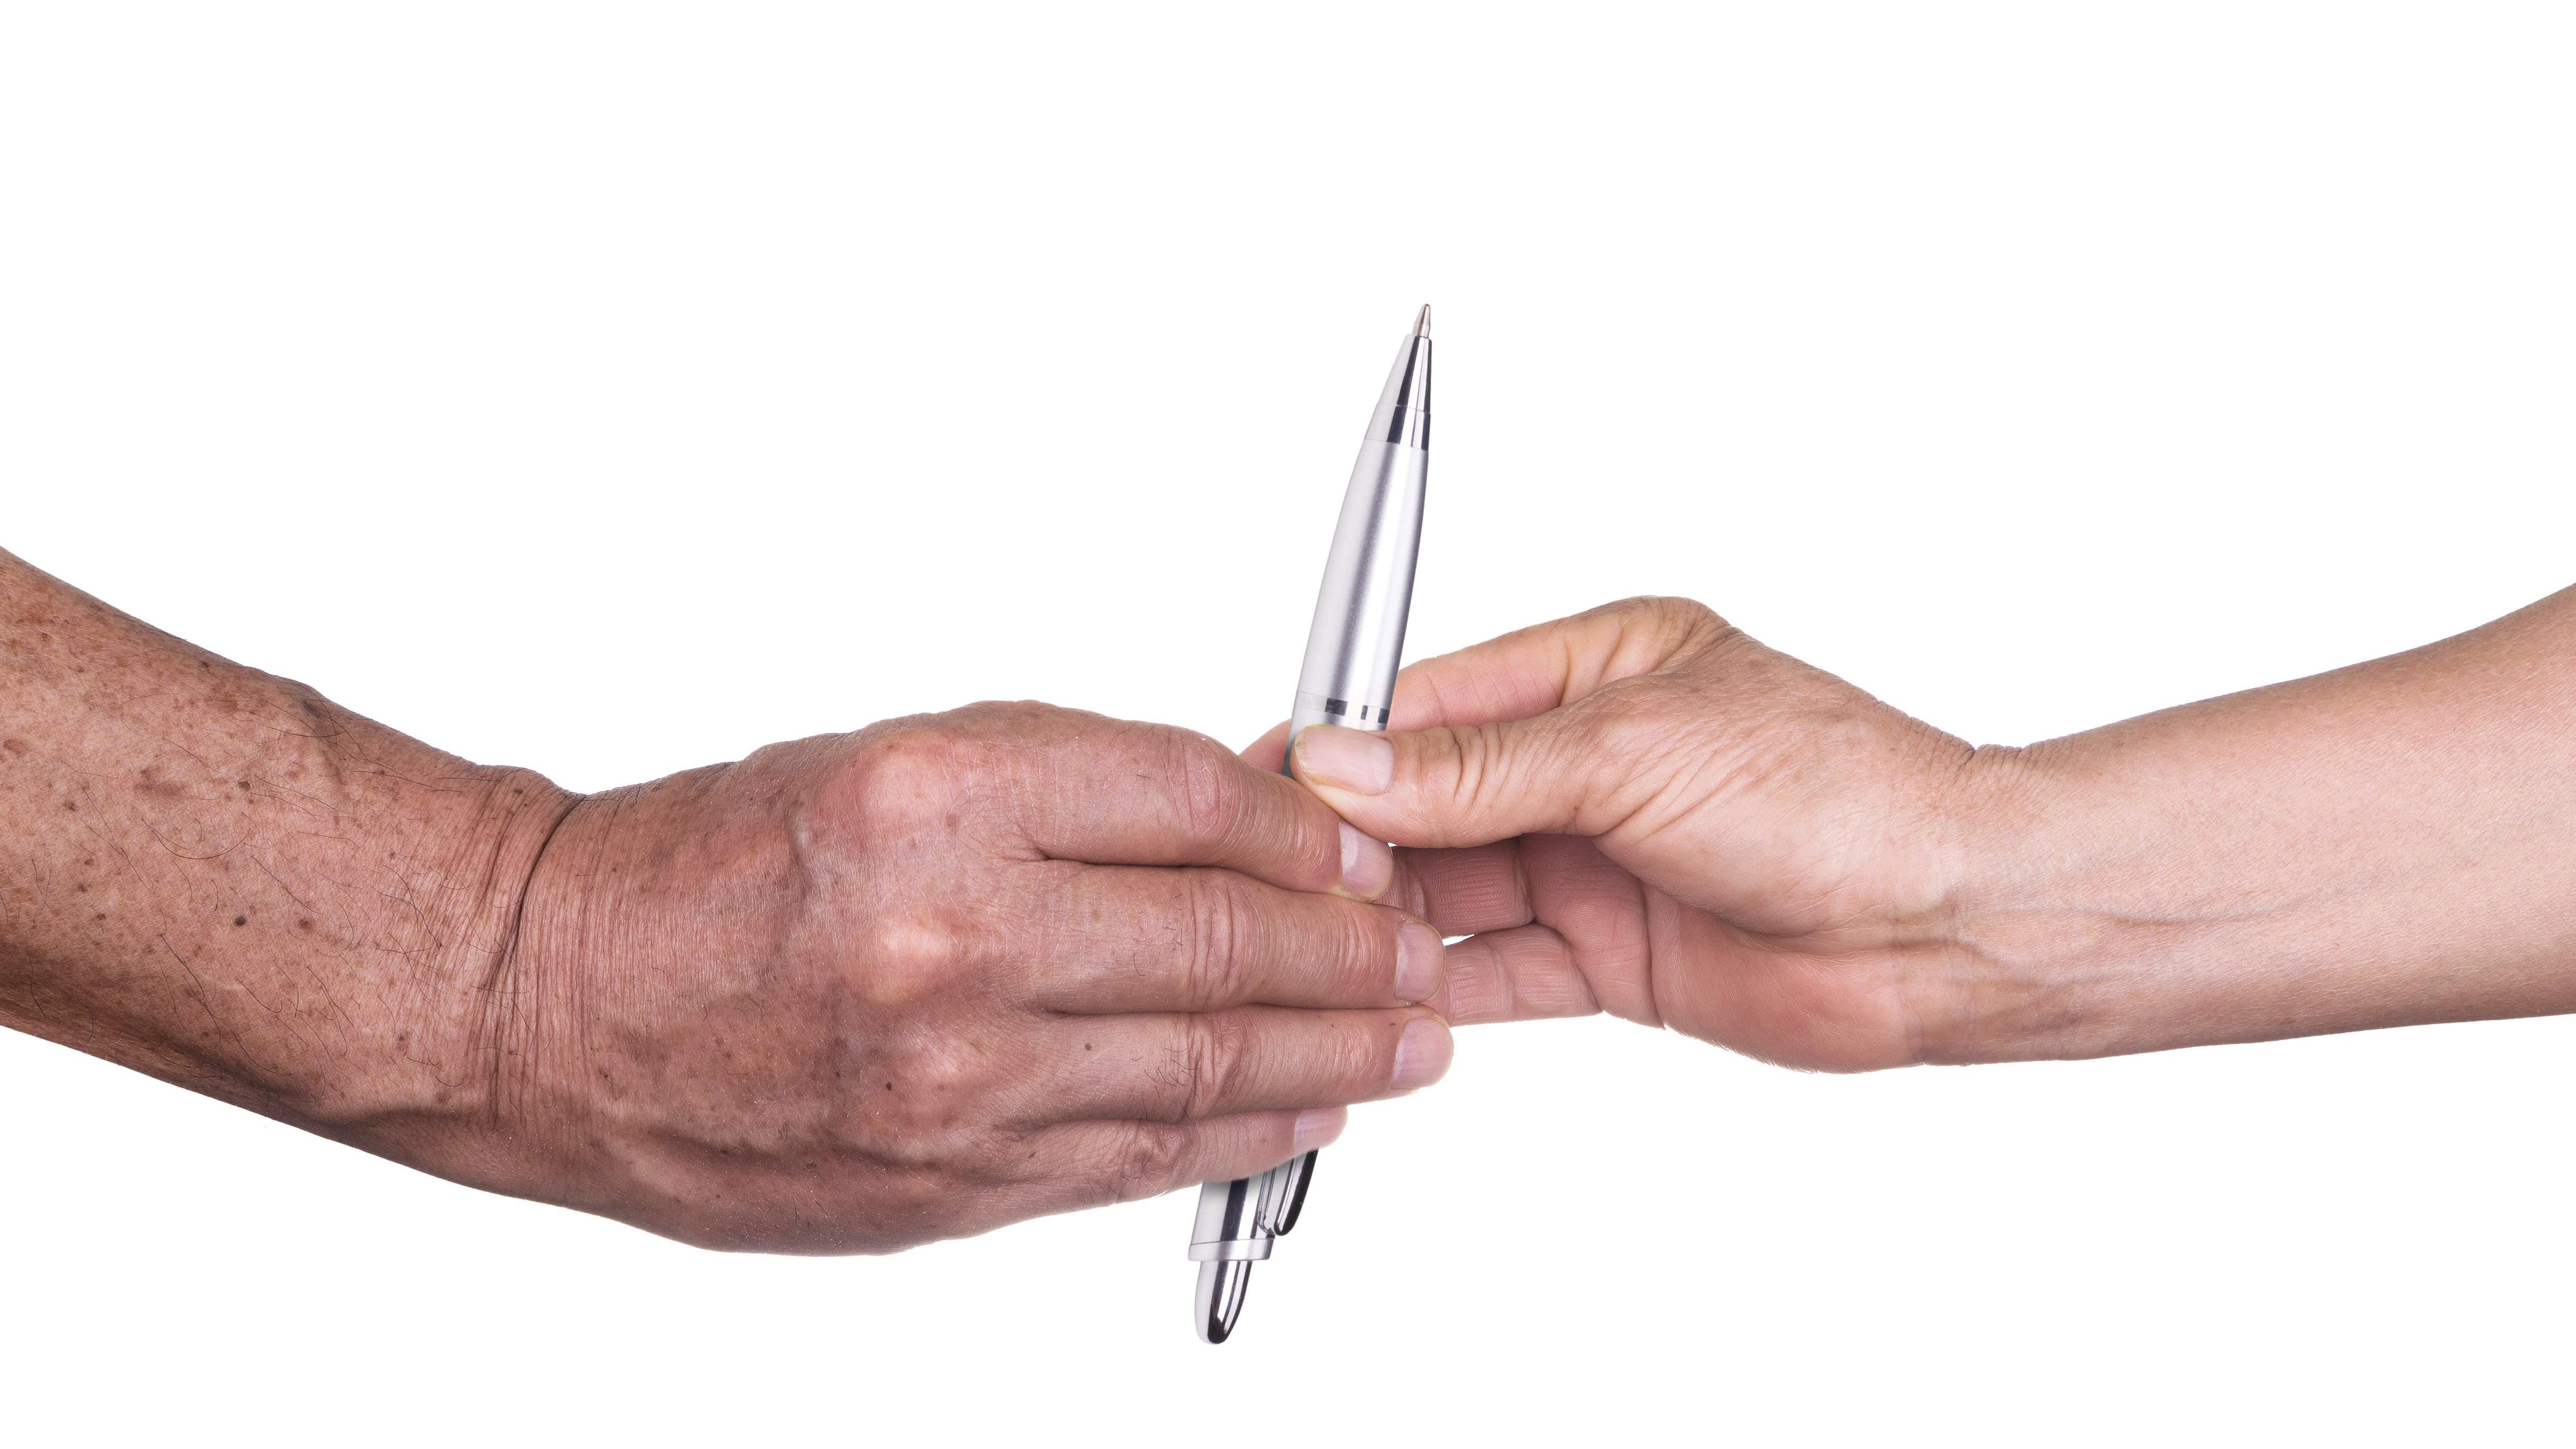 Person handing pen